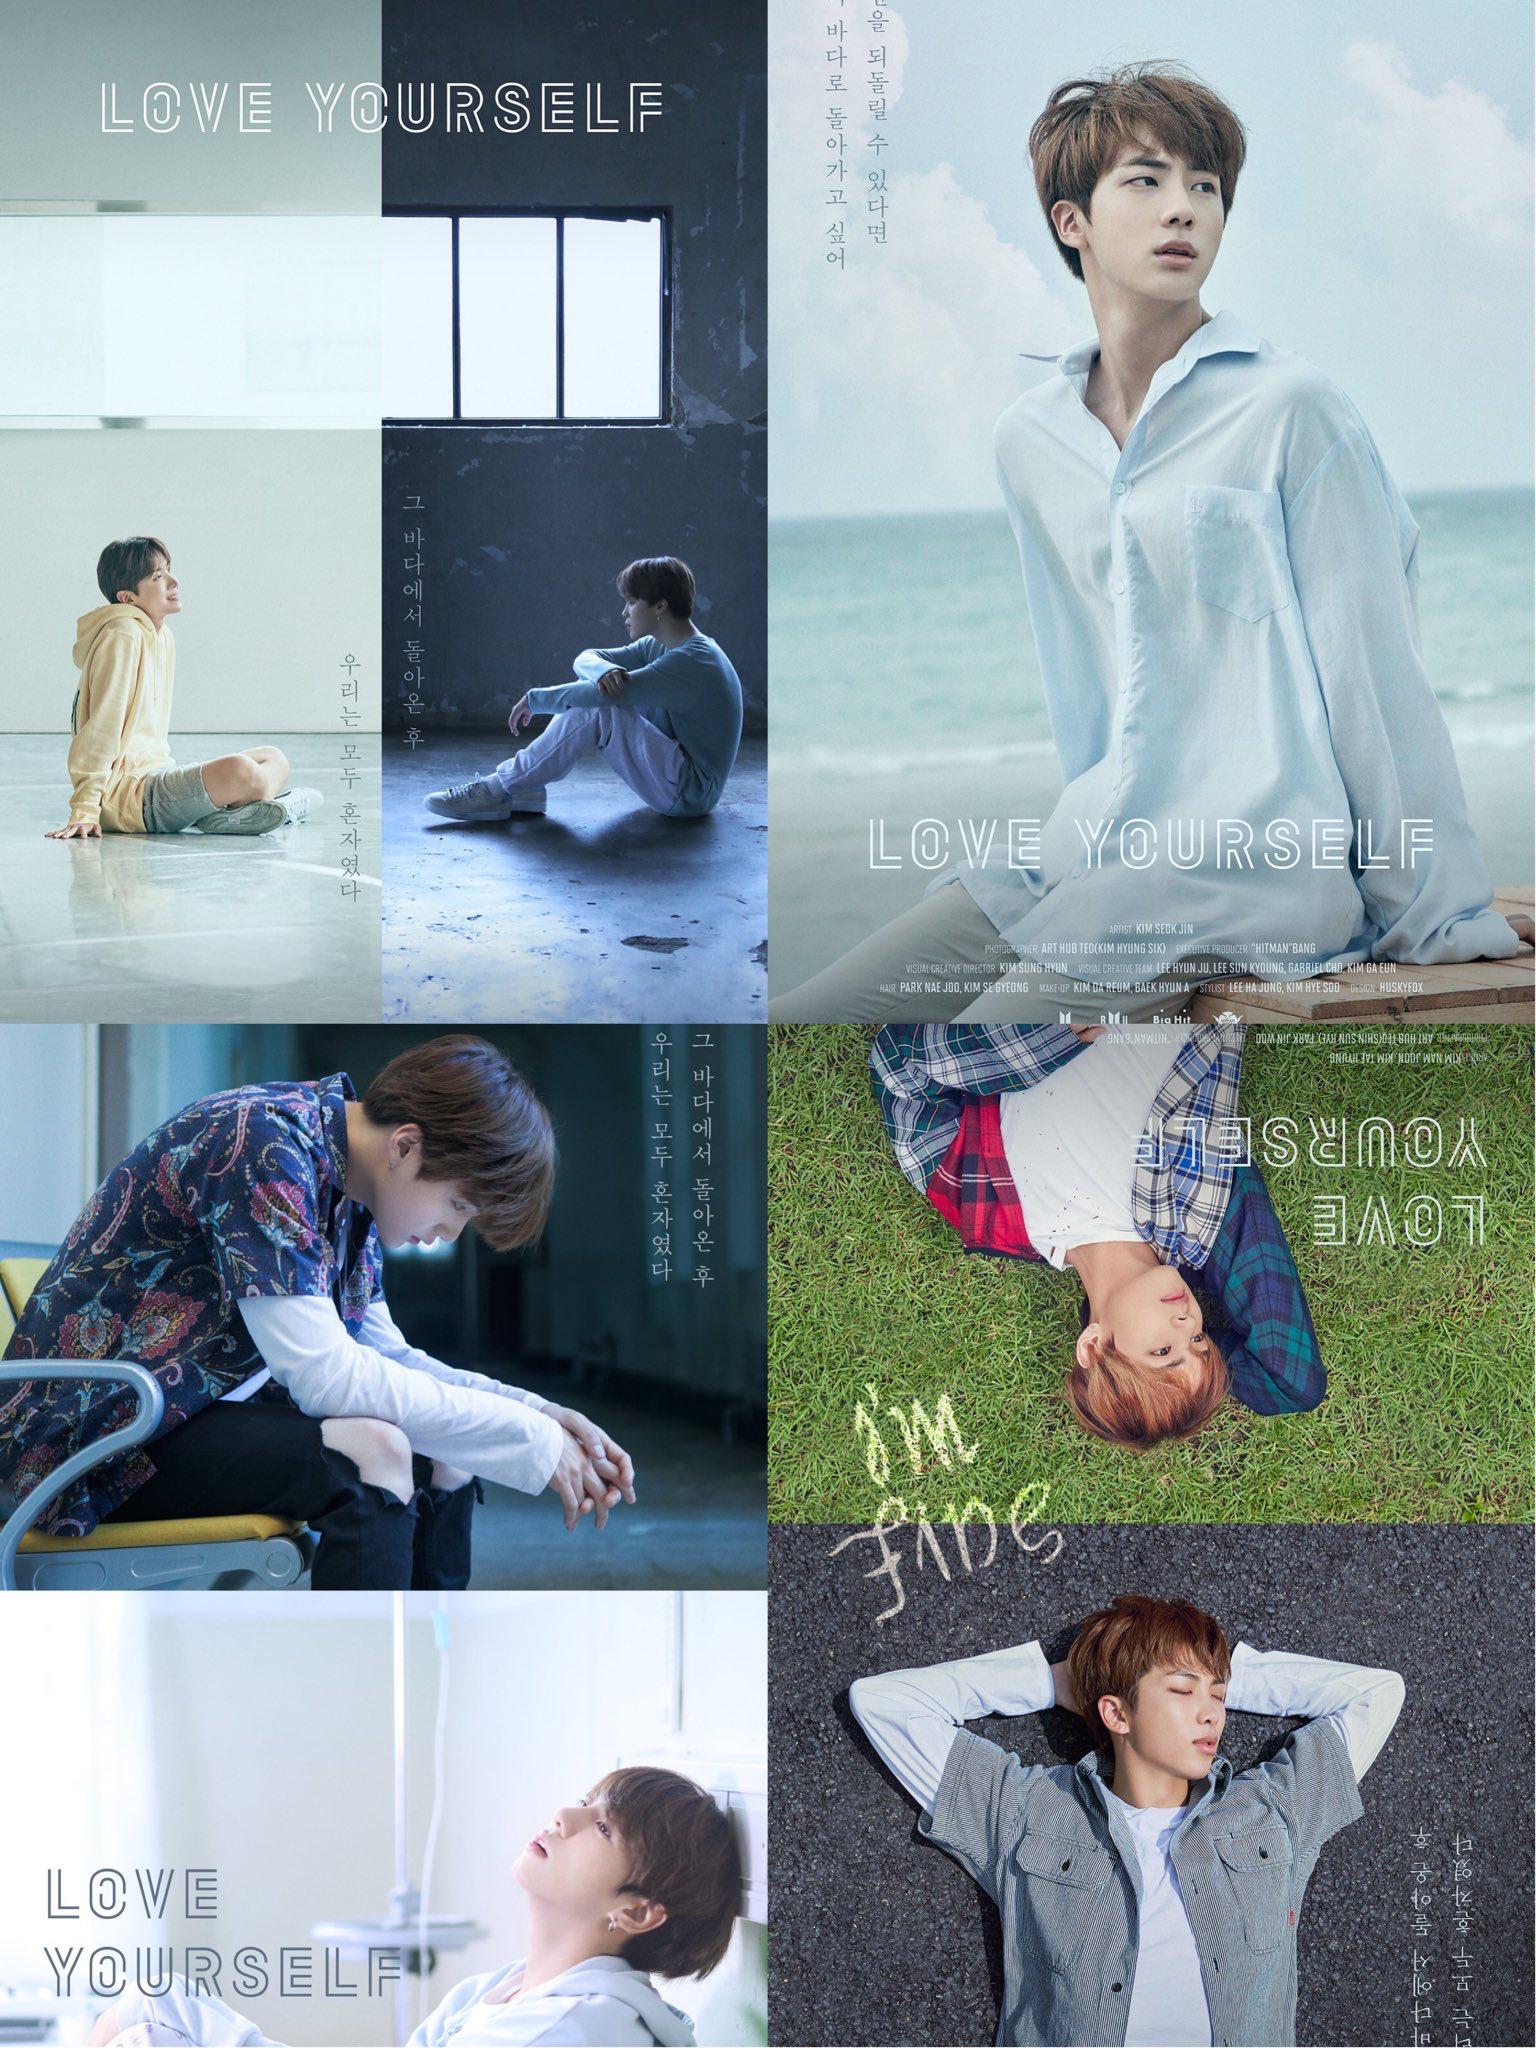 Cum tribute kim hyuna and jessi 1 - 3 part 7